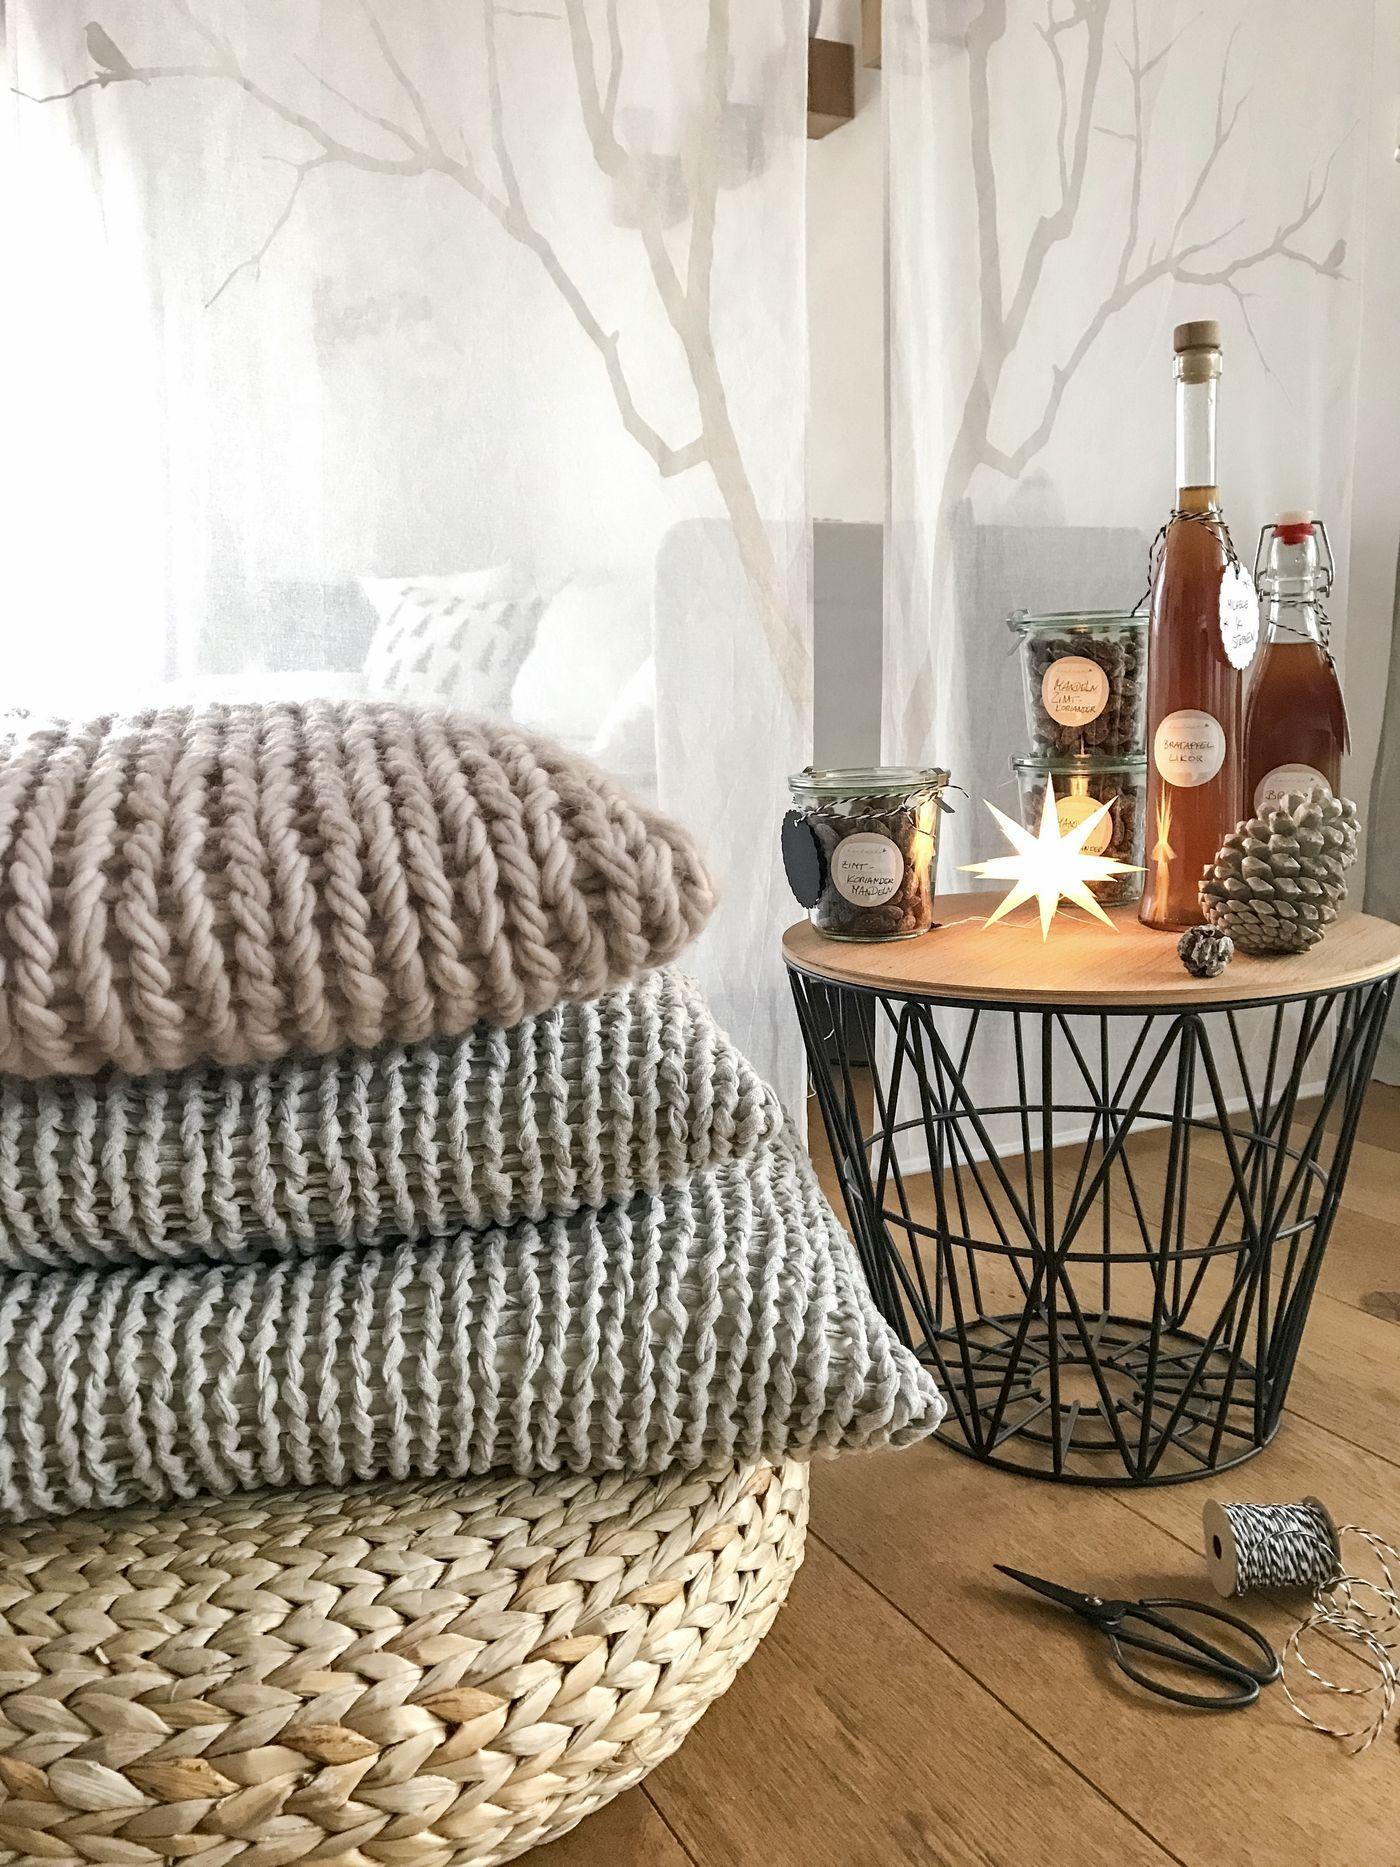 die sch nsten ideen f r deine weihnachtsdeko seite 9. Black Bedroom Furniture Sets. Home Design Ideas